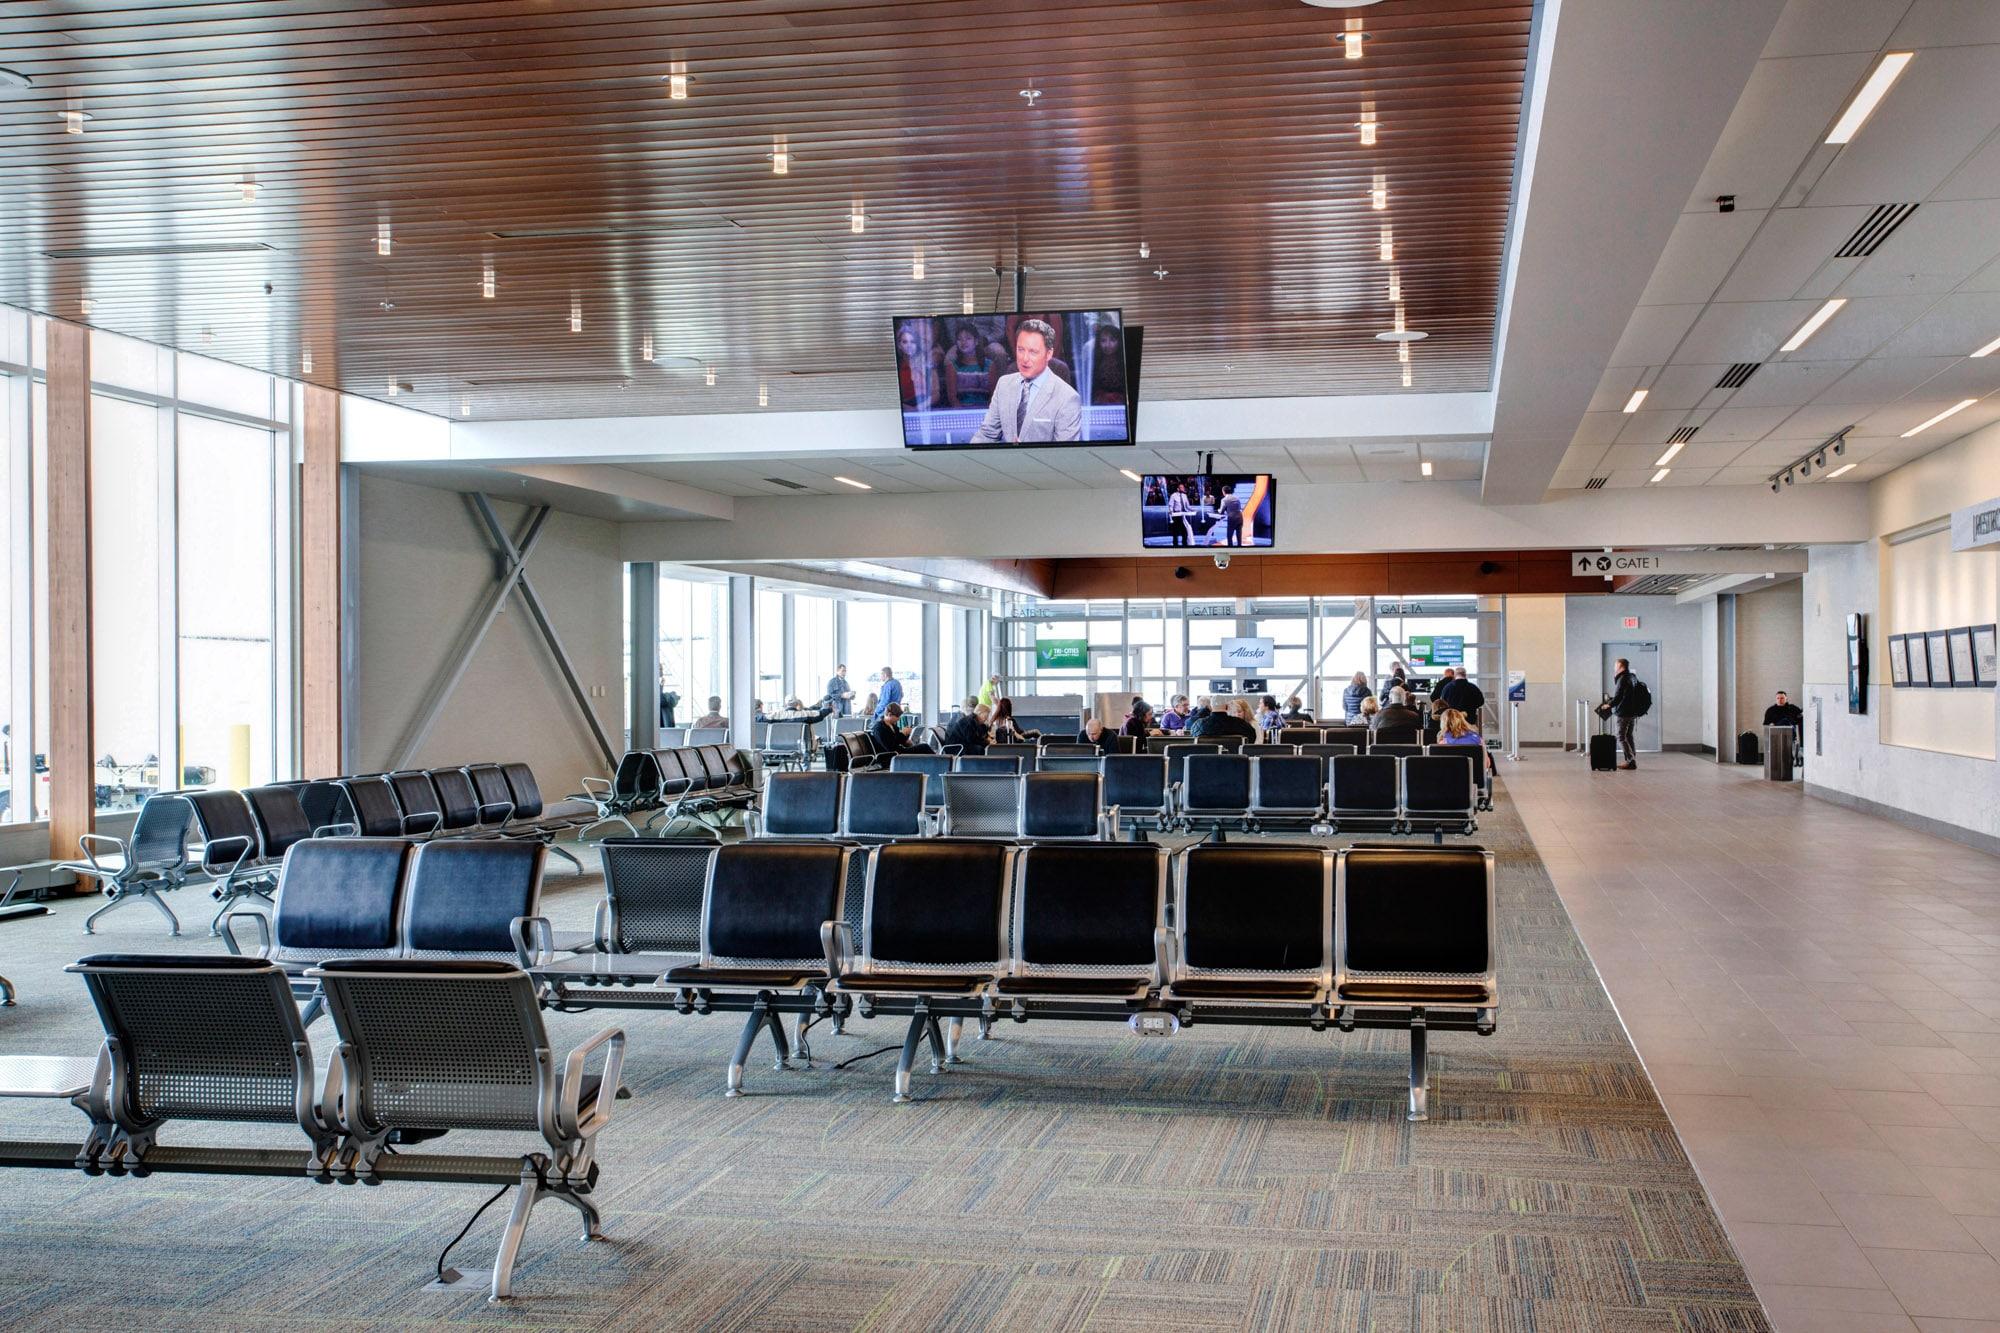 tri cities wa airport